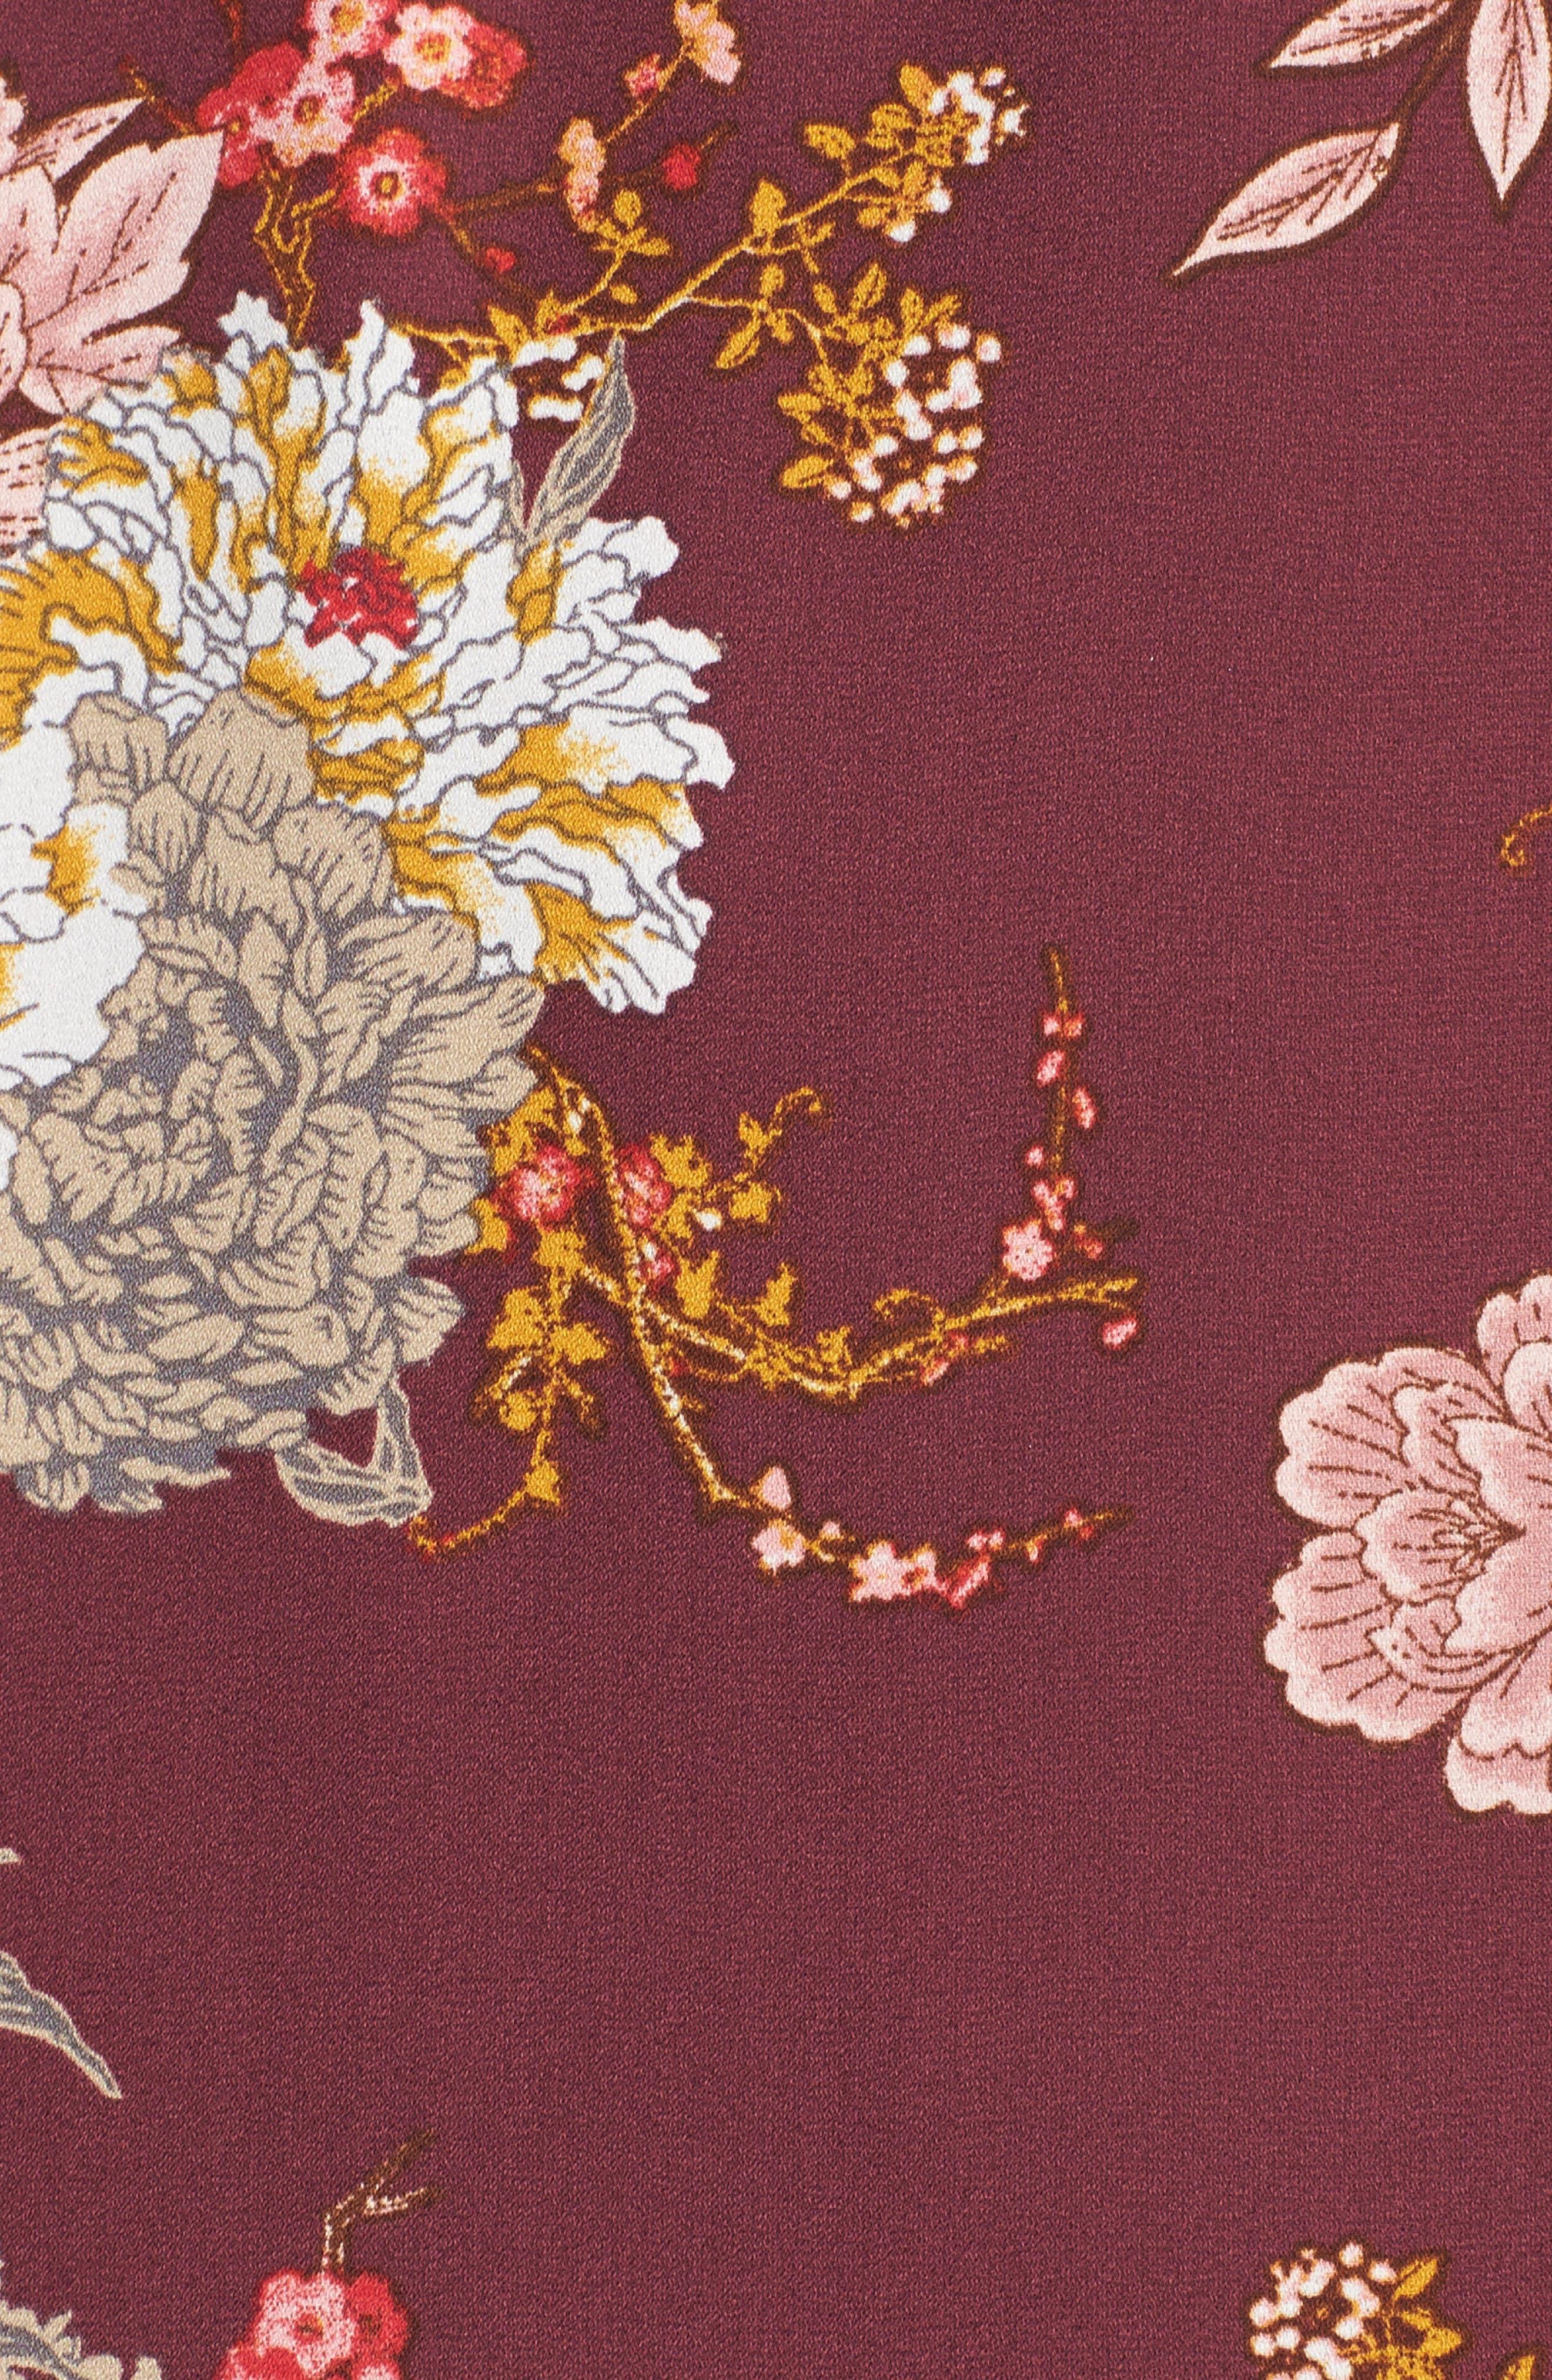 Jade Off the Shoulder Dress,                             Alternate thumbnail 5, color,                             Wine Floral